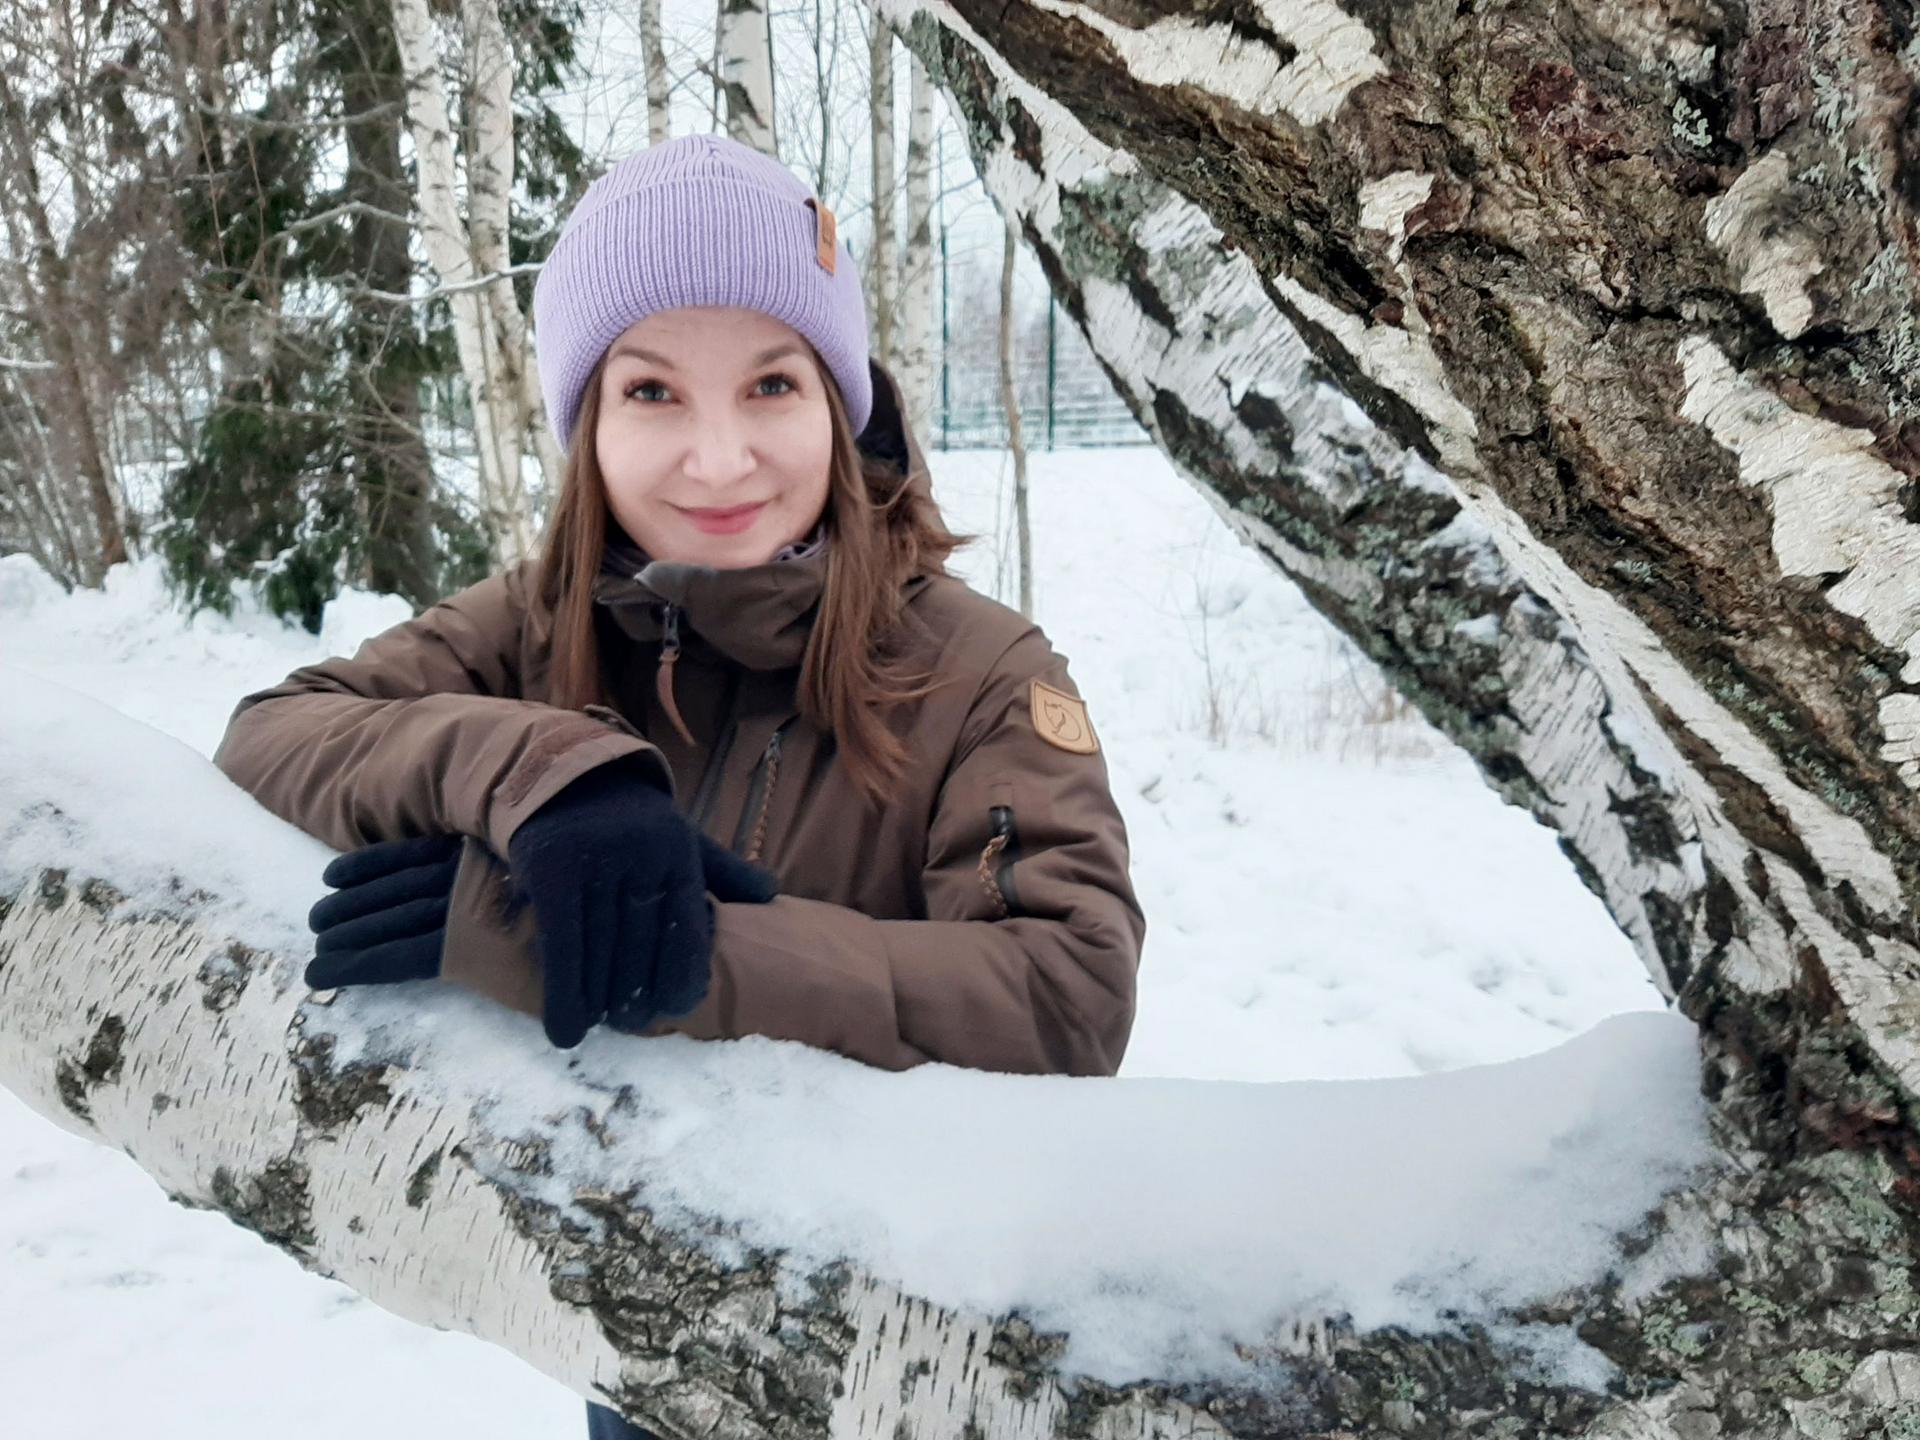 Elina Salmi suorittaa parhaillaan kulttuurihyvinvoinnin ylempää ammattikorkeakoulututkintoa. Hän kuuluu pilottiryhmään, jossa on mukana sekä kulttuurialan että sosiaali- ja terveysalan ammattilaisia.